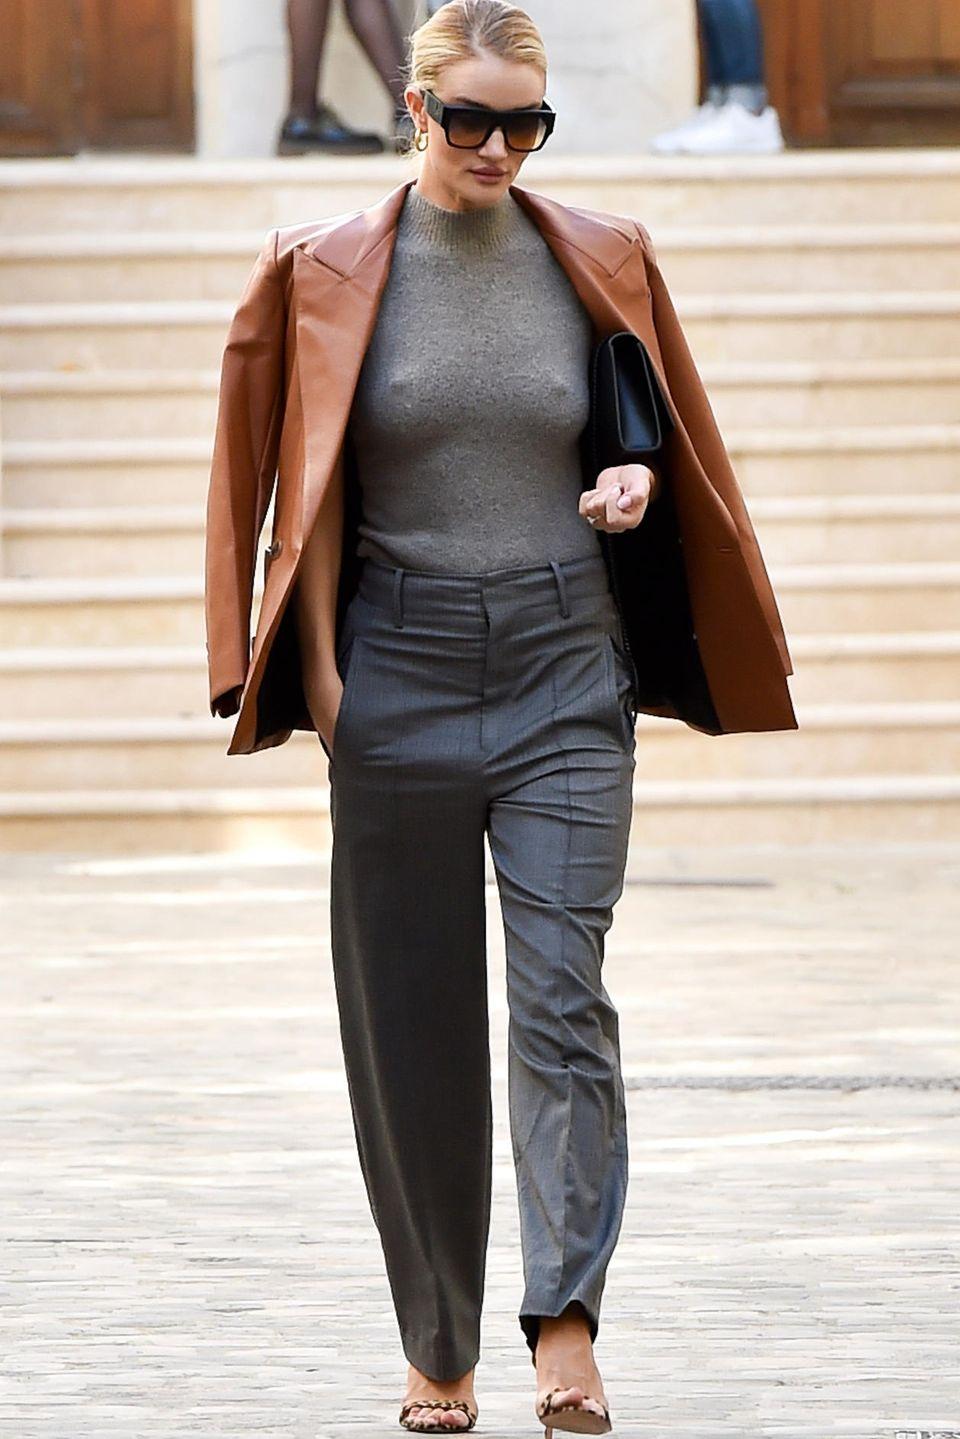 Wenn Mode-Designerin Vivienne Westwood zum Fitting ruft, kommen die Topmodels in Scharen. Auch Rosie Huntington-Whiteley macht sich in Paris auf den Weg in Westwoods Atelier und lässt ihre Unterwäsche offensichtlich gleich zu Hause: Denn durch den grauen Wollpulli zeichnen sich eindeutig Rosies Nippel ab. Bei dem vielen Umziehen im Show-Room wäre ein BH auch einfach ein störendes Kleidungsstück.